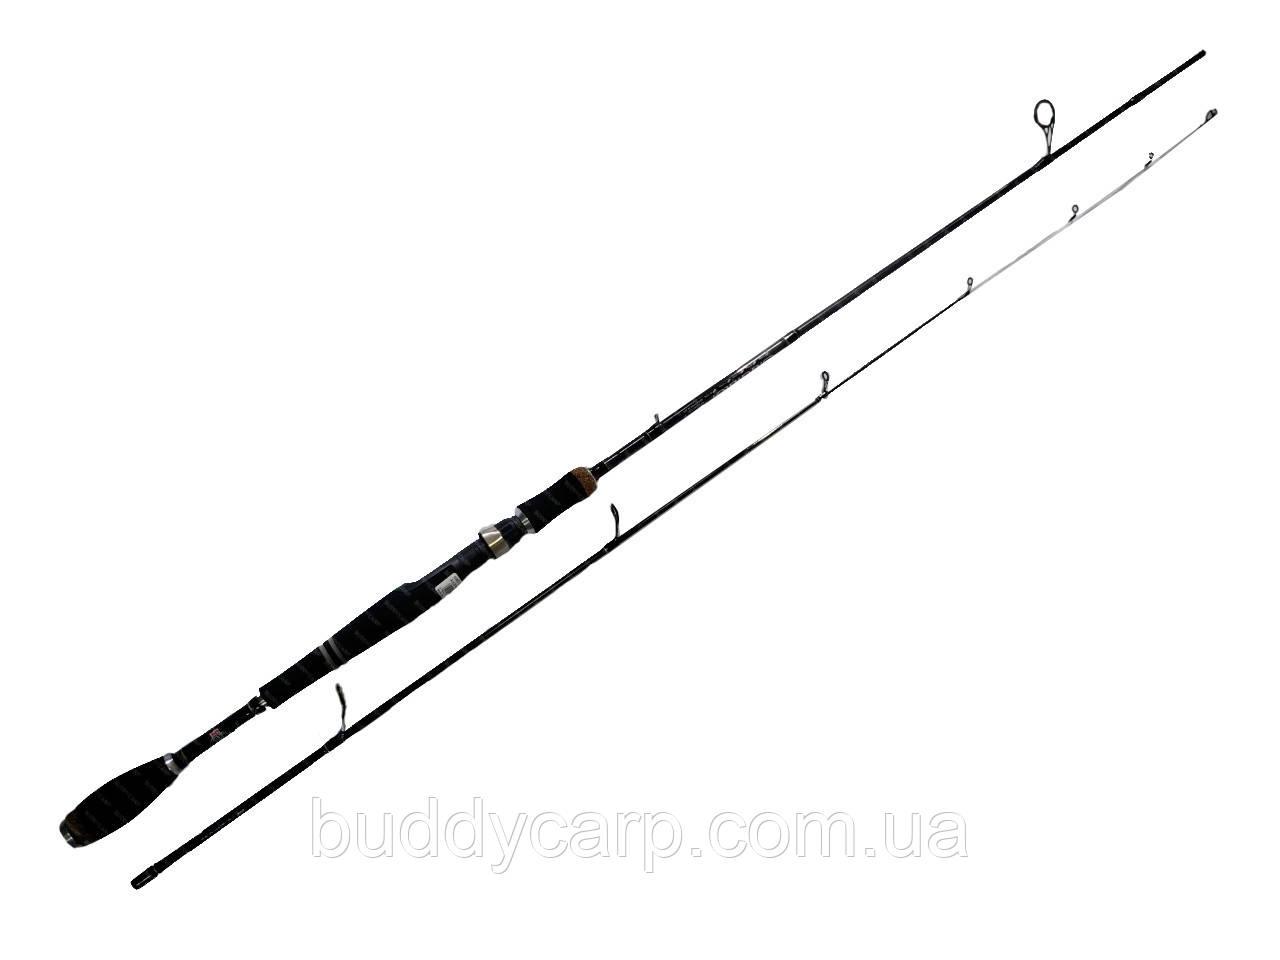 Спиннинг 1.82 метра тест 3-15 гр Siweida Gladiator Micro Jig